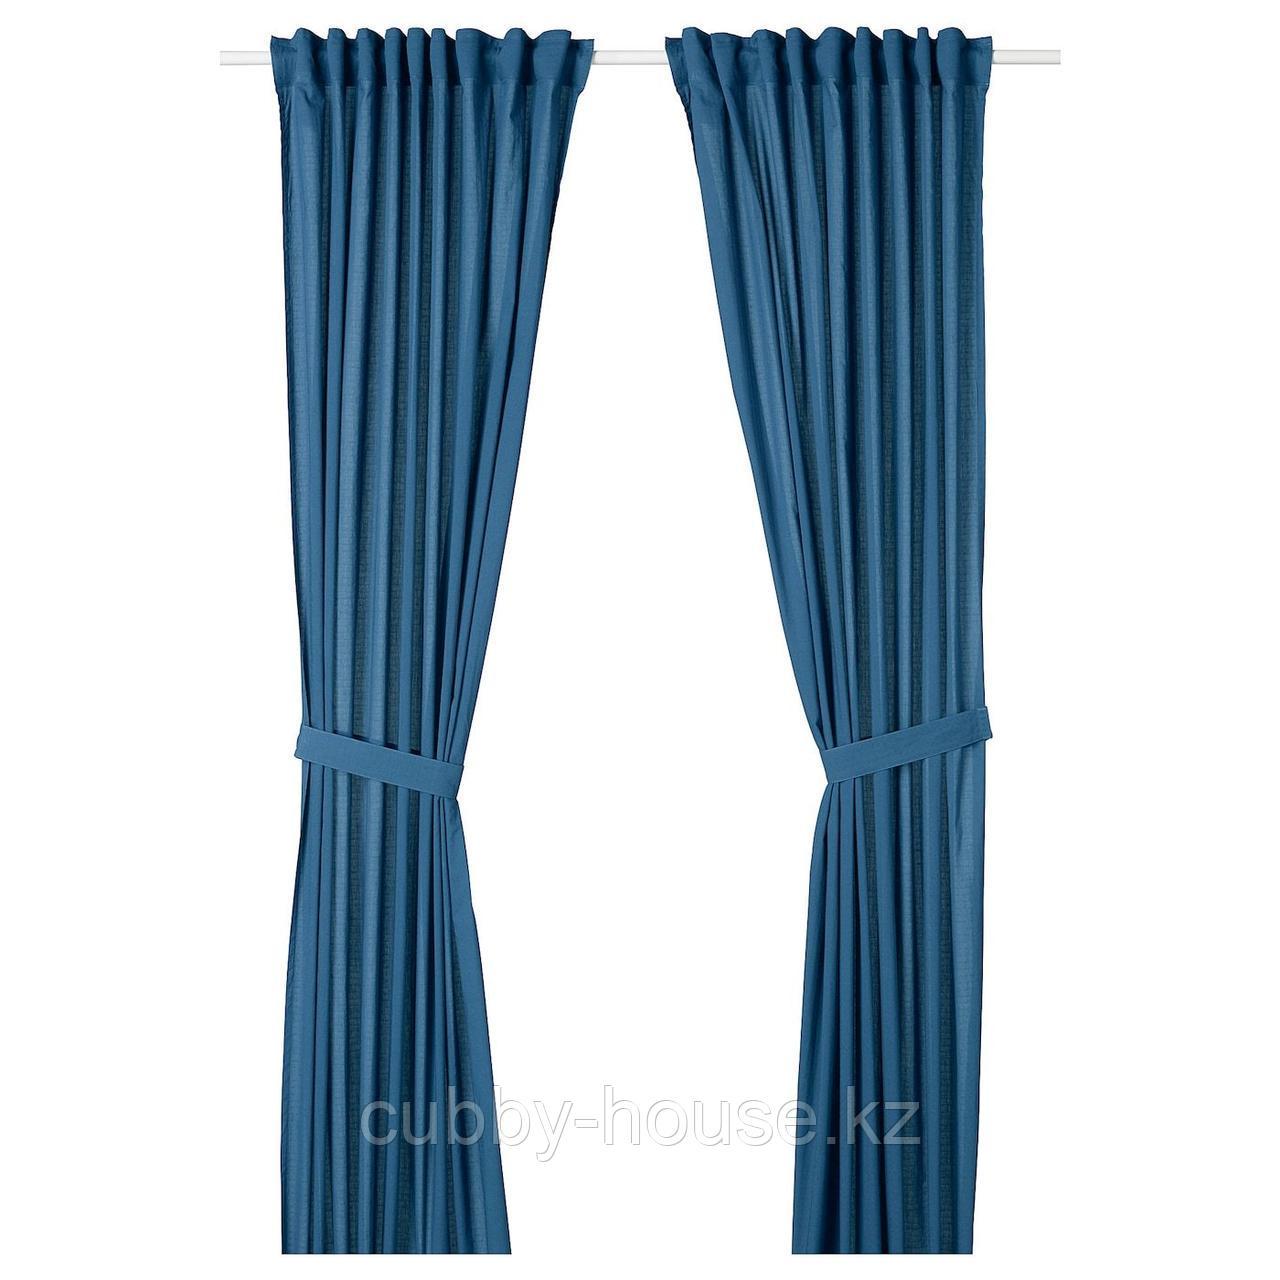 АМИЛЬДЭ Гардины с прихватом, 1 пара, синий, 145x300 см